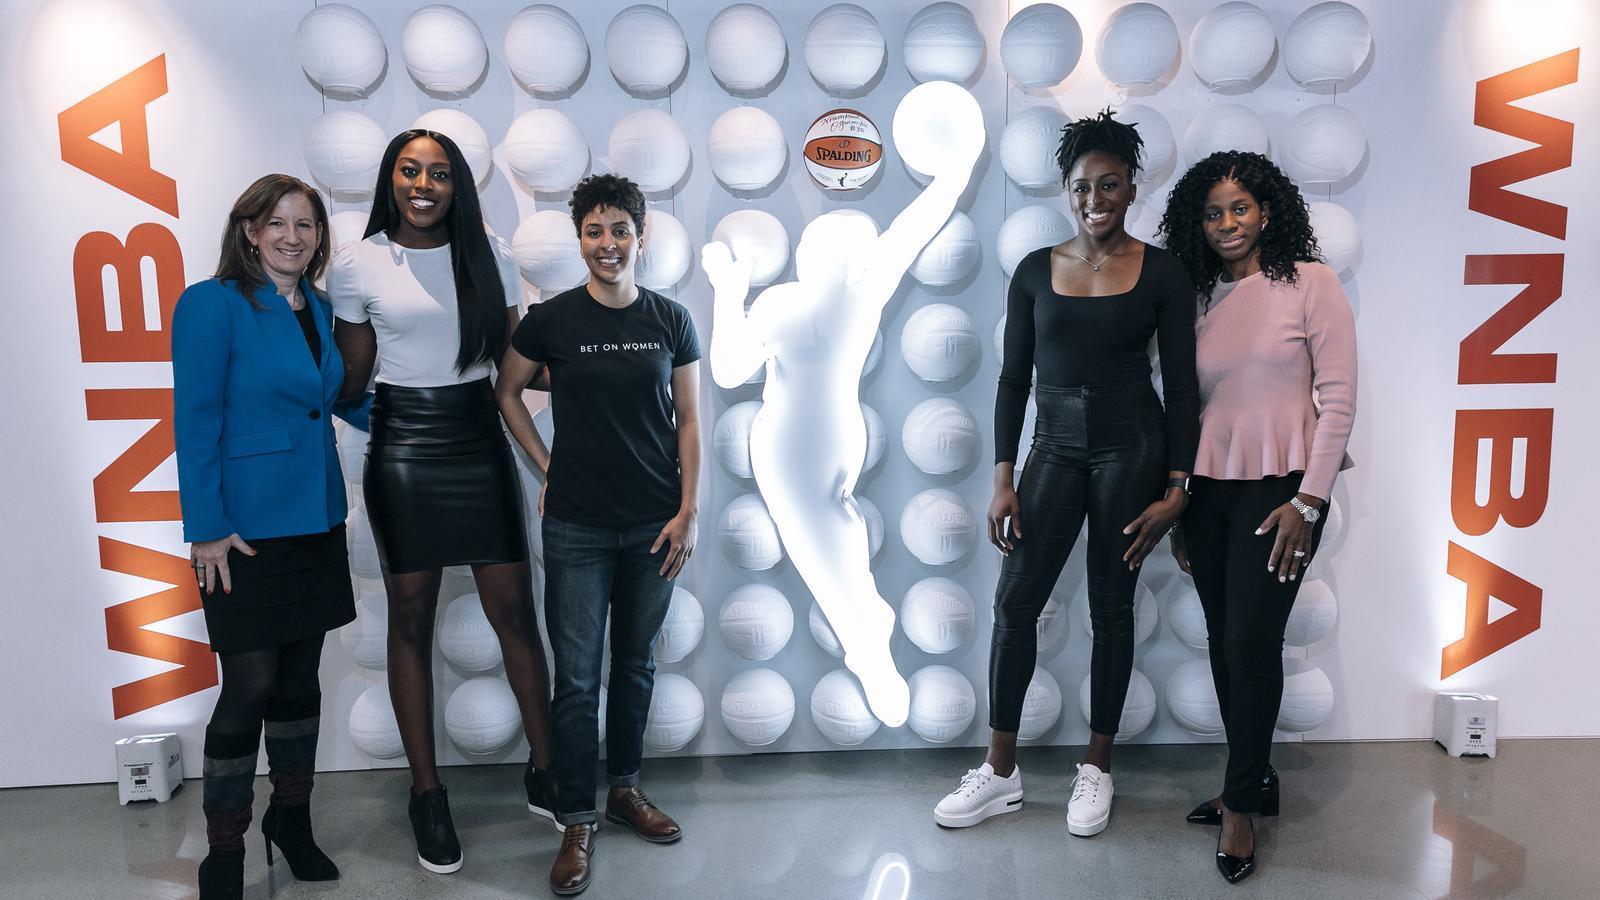 Representants de la WNBA i la WNBPA